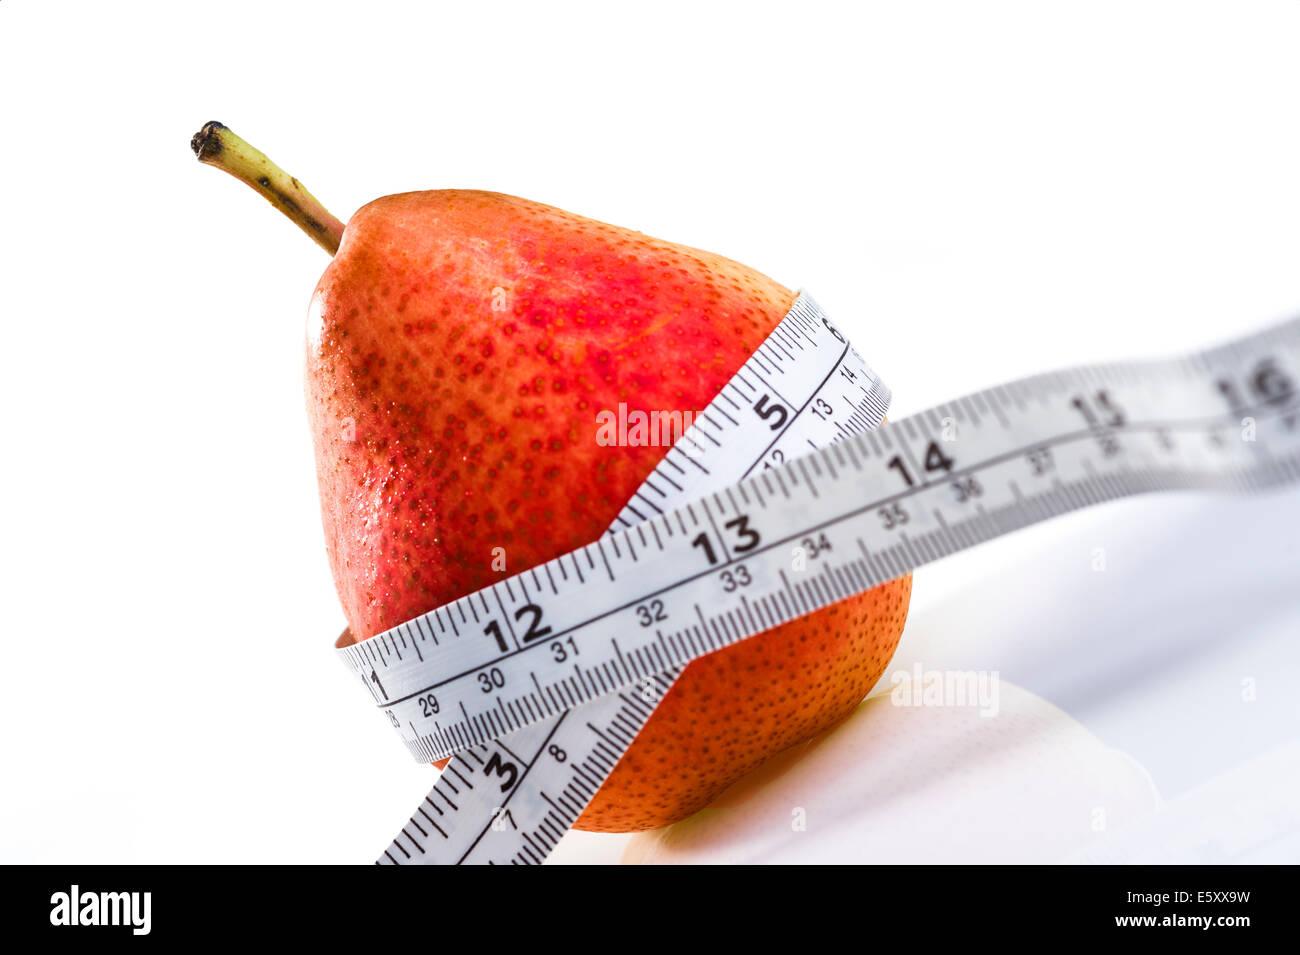 Pera roja con cinta métrica.La obesidad, pérdida de peso, la dieta. Imagen De Stock